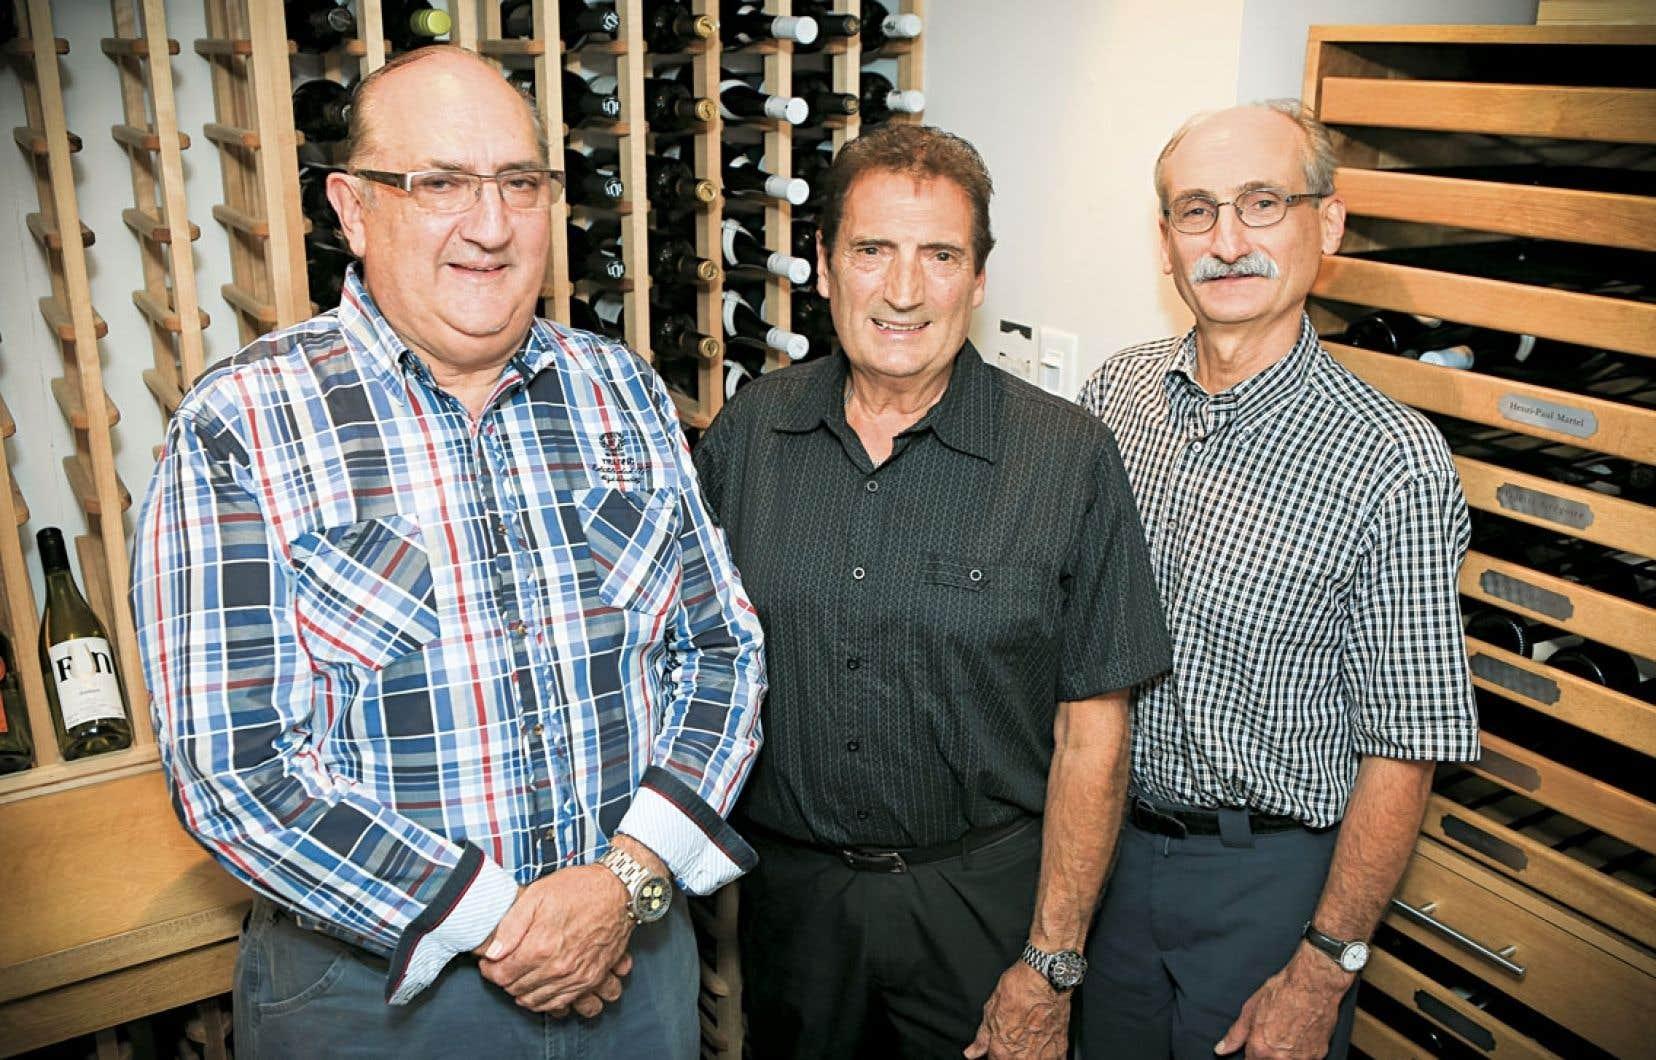 Les frères Éthier, Michel, Pierre et Serge, ont appris à la dure et se sont passionnés rapidement pour le service aux clients, qu'ils offrent de façon tout à fait personnalisée.